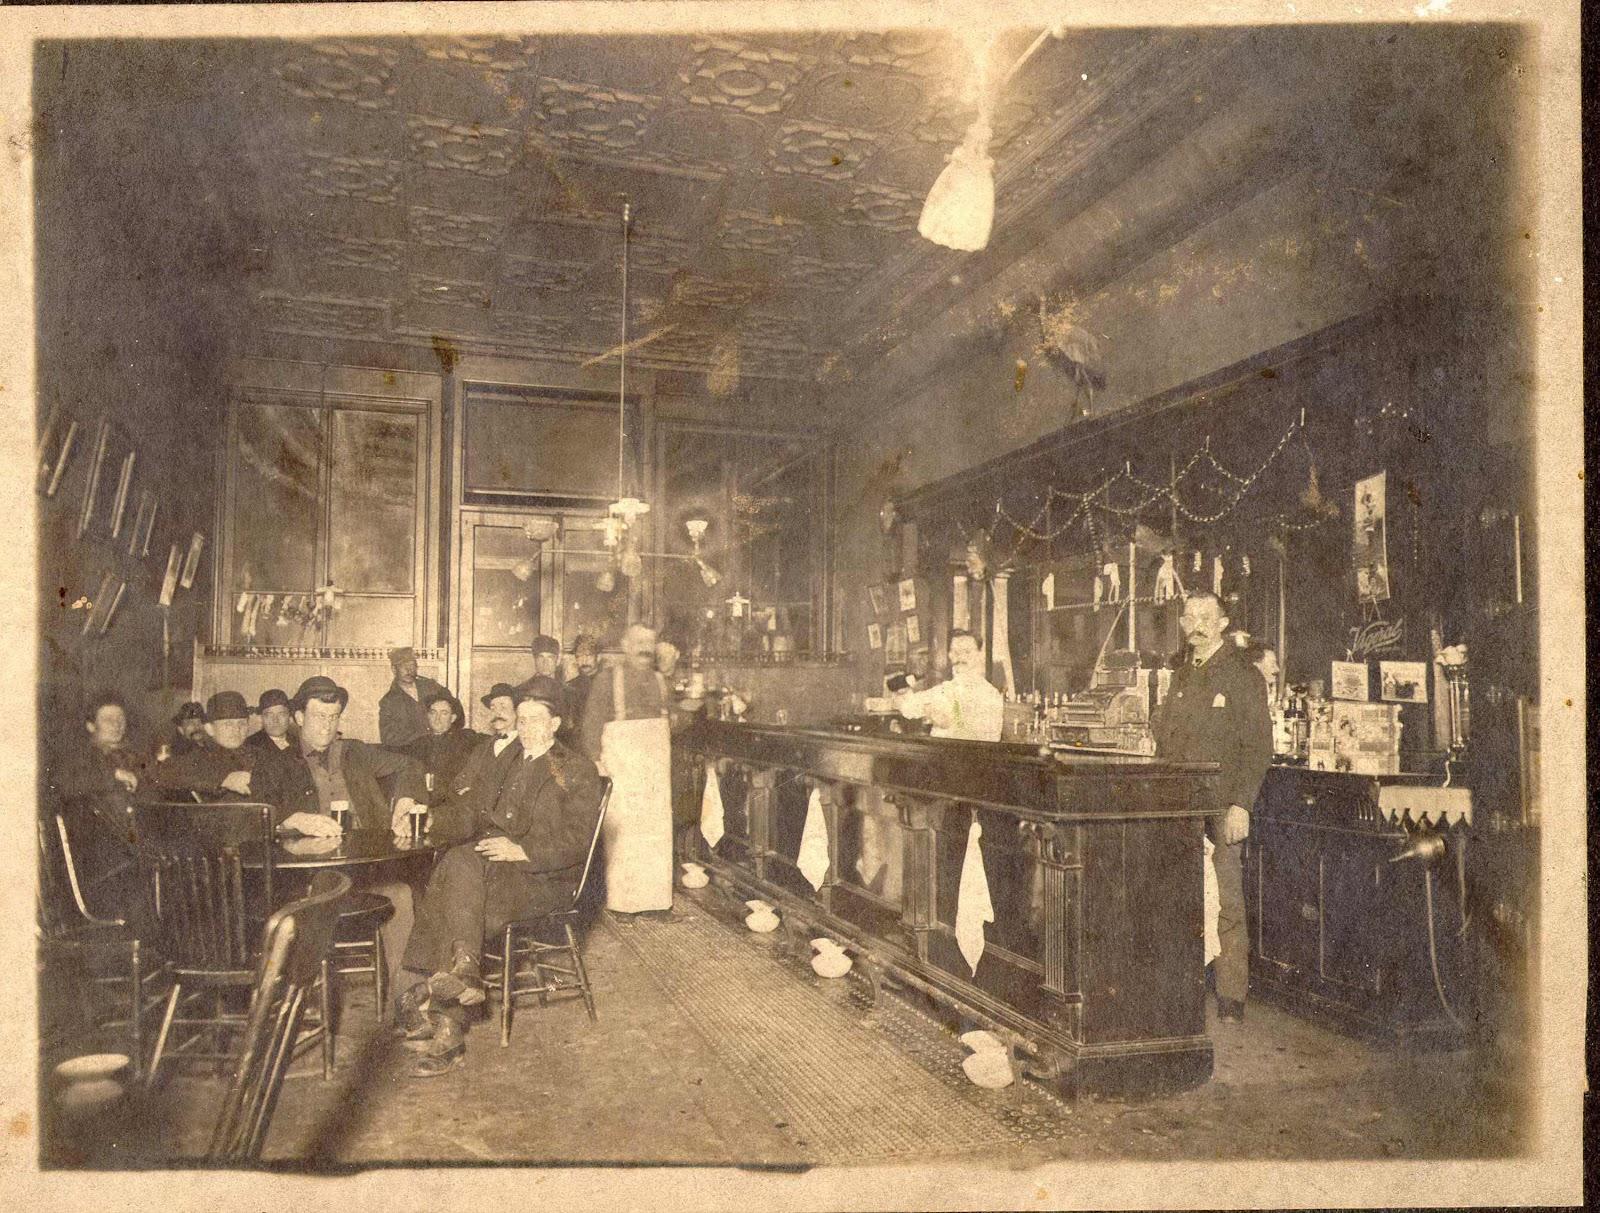 Prohibition Era Signs The prohibition era. Prohibition 1920 Signs